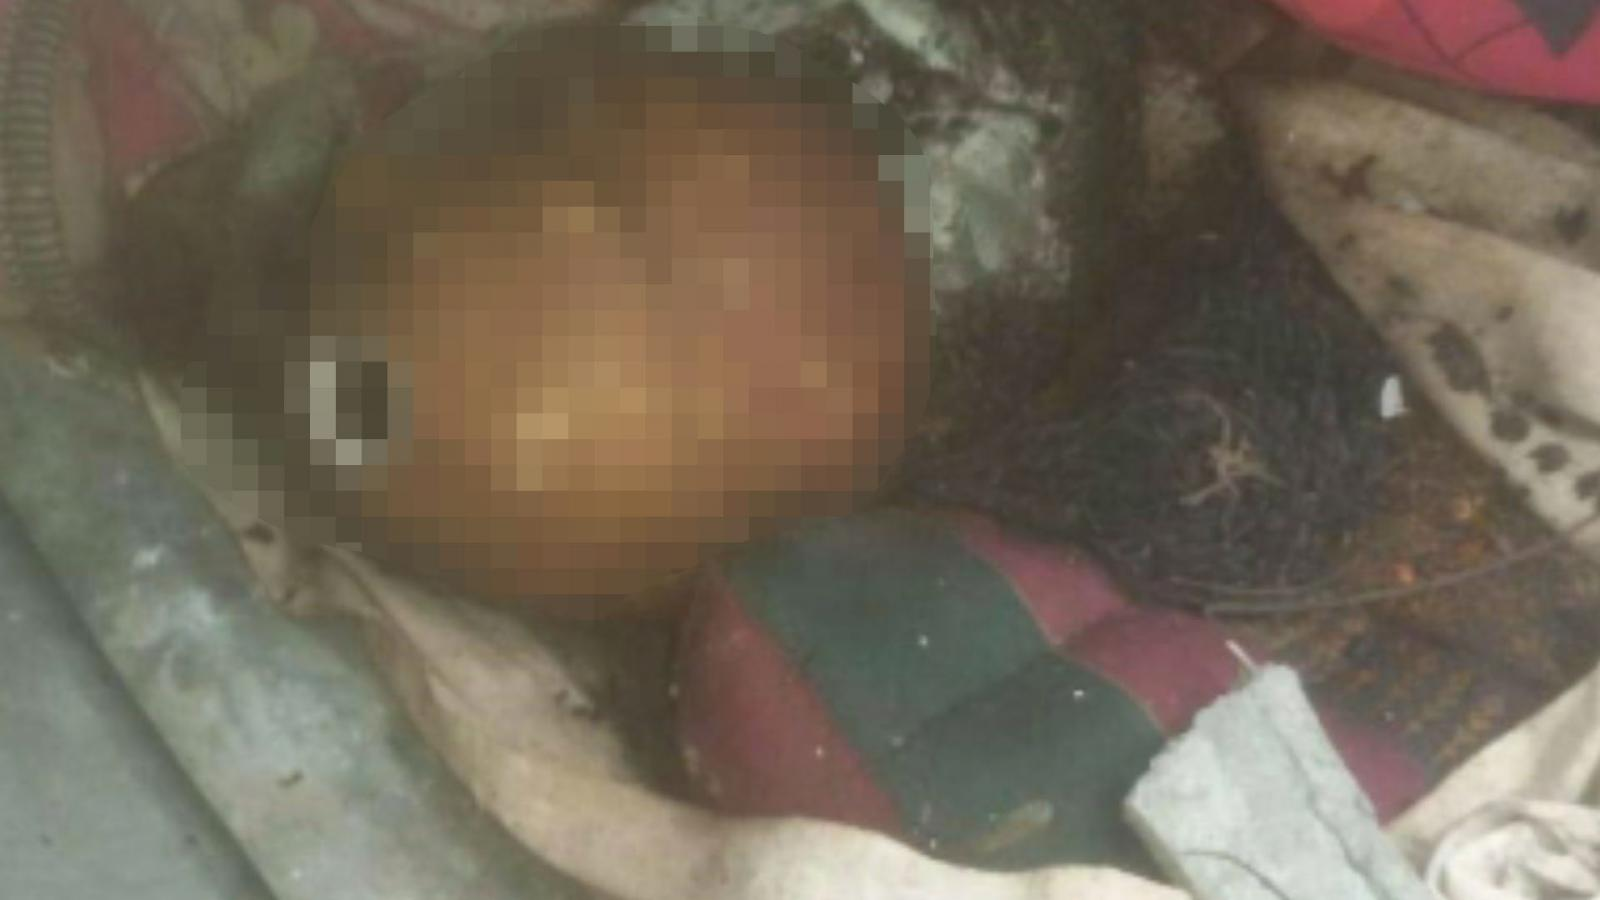 ข่าวจังหวัดอุดรธานี ข่าวสดวันนี้ ศพเด็ก